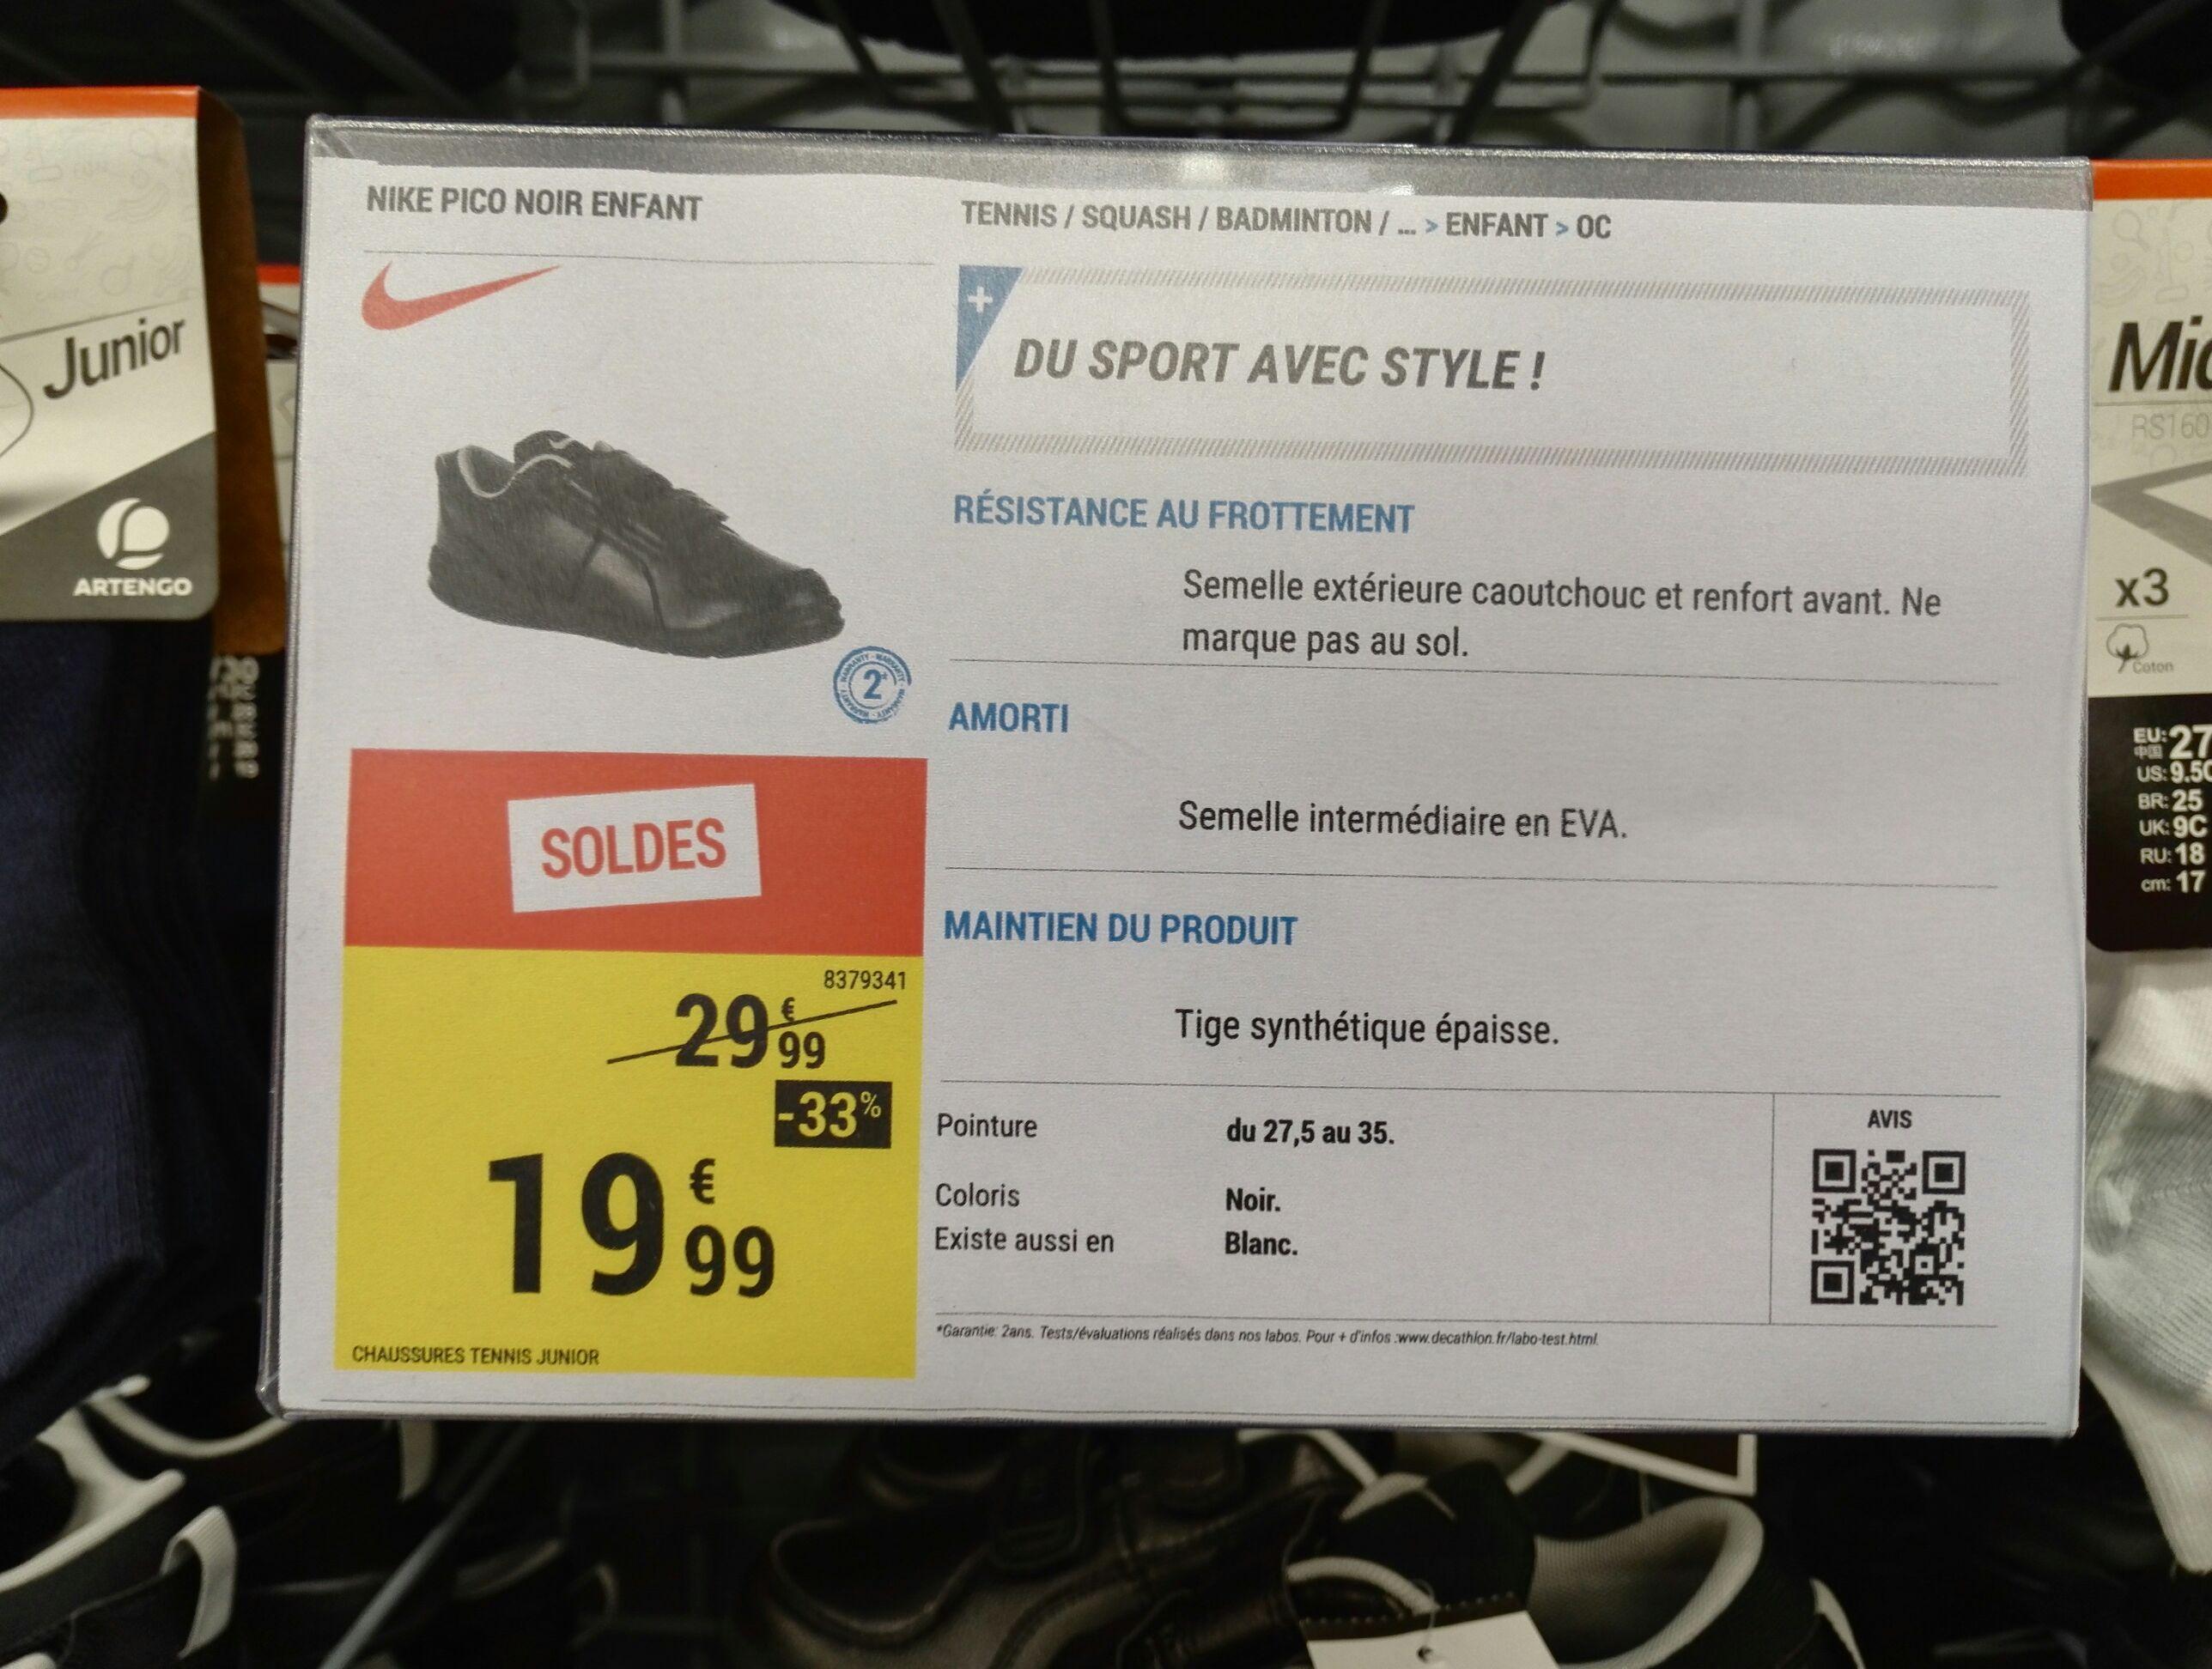 Basket enfant Nike Pico - Taille  27.5 à 35, Noir